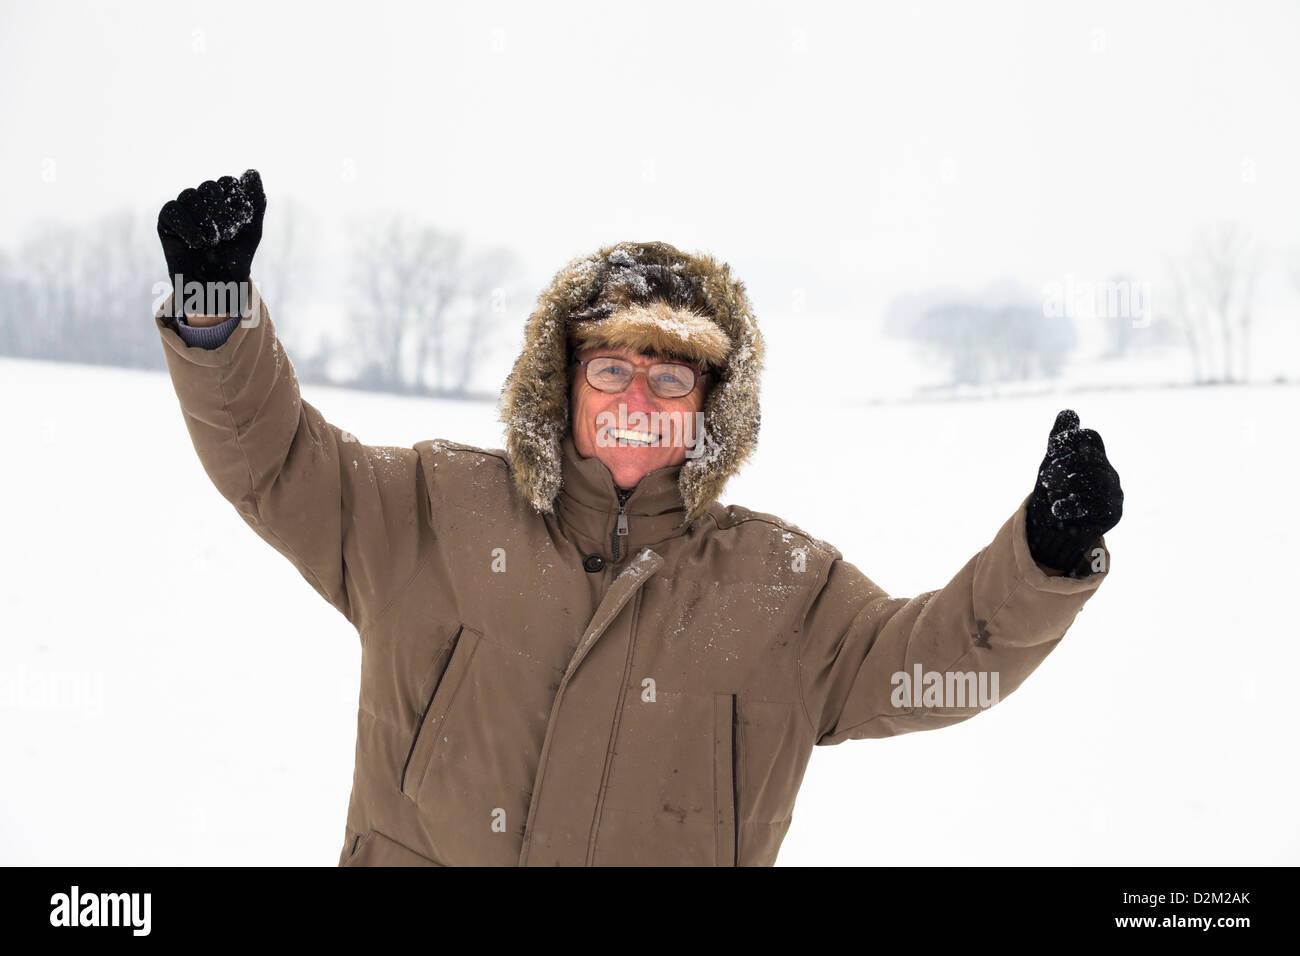 Felice estatica uomo senior godendo di neve in inverno e all'aperto. Immagini Stock